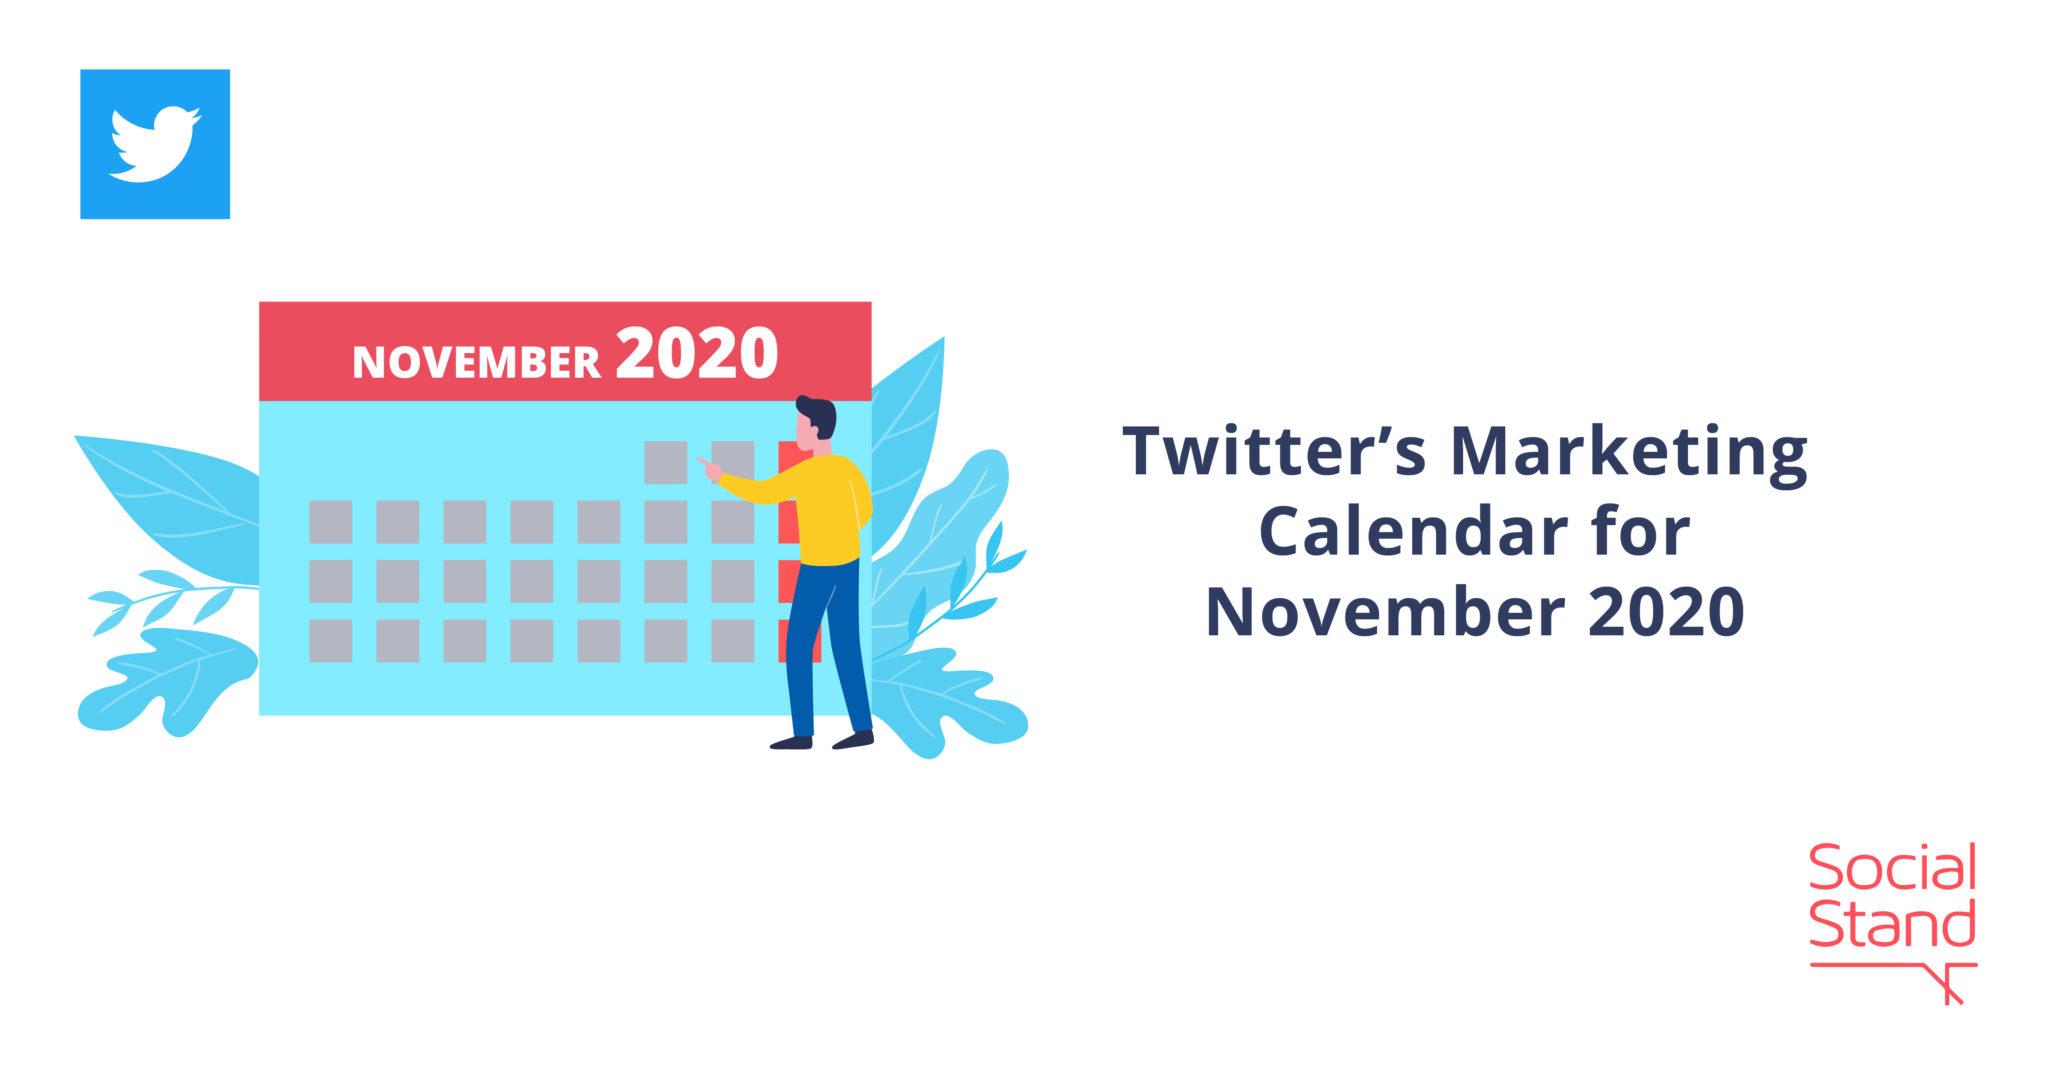 Twitter's Marketing Calendar for November 2020